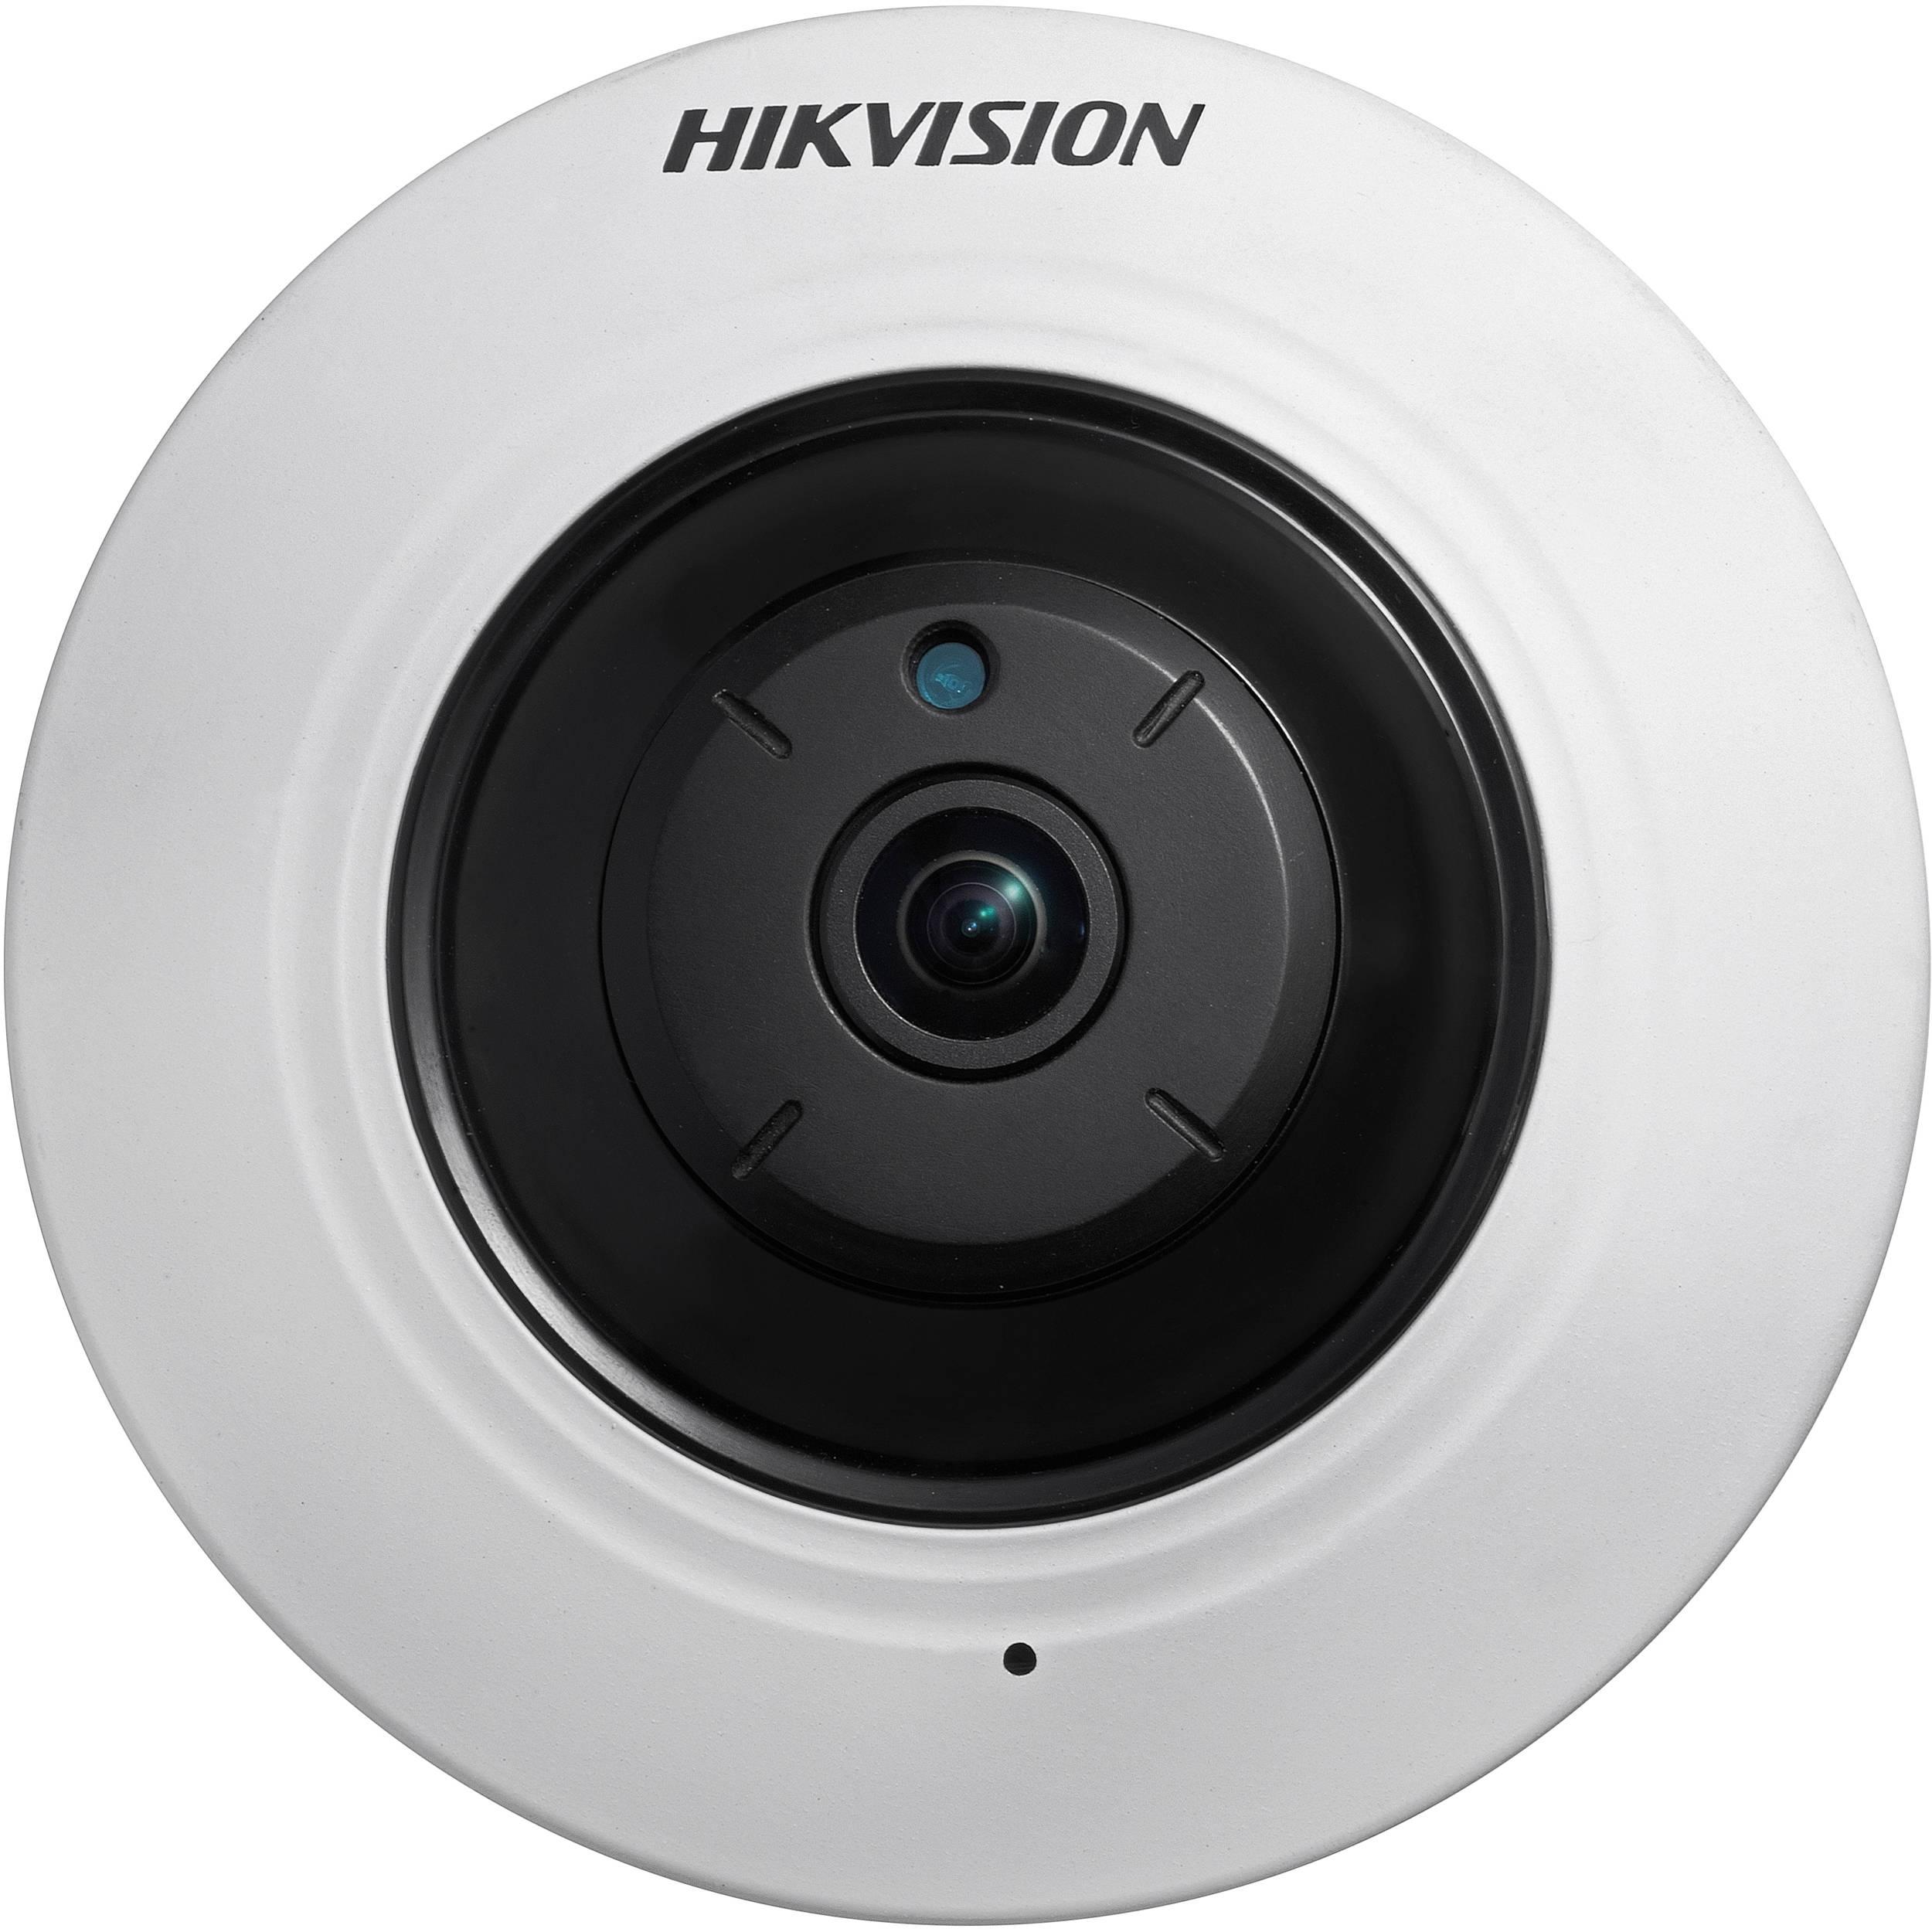 هيكفيجن كاميرا مراقبة داخلية عين السمكة بدقة 5 ميجا بيكسل تصوير ليلي نهاري DS-2CC52H1T-FITS